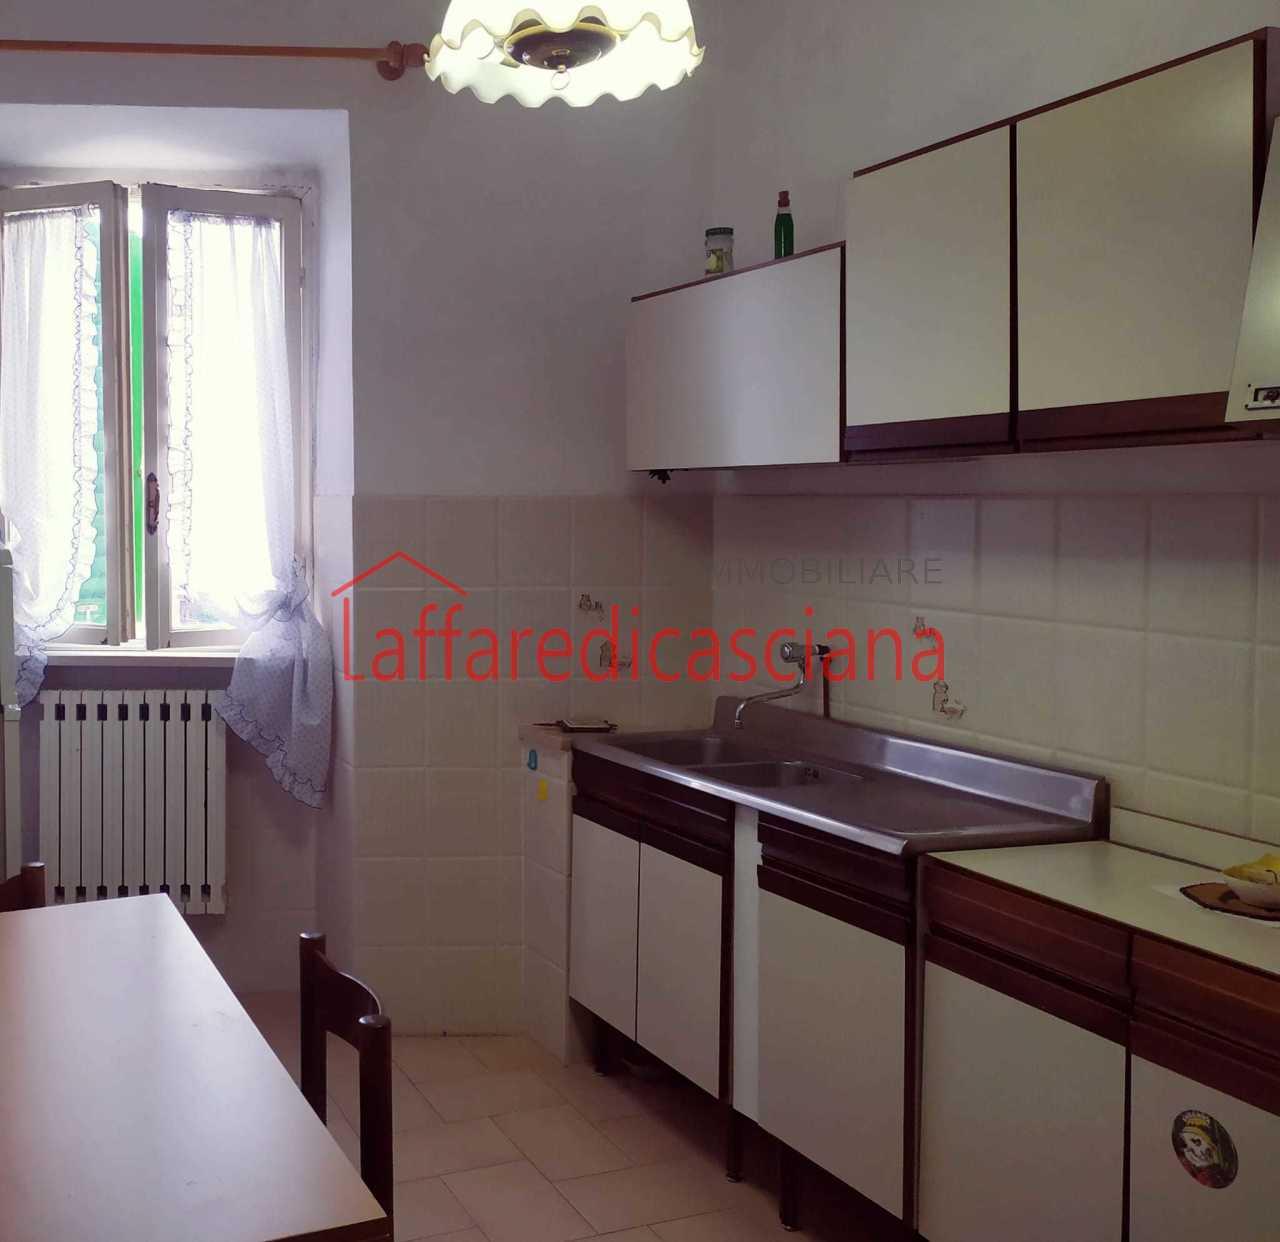 Casa singola in vendita - Casciana Terme, Casciana Terme Lari